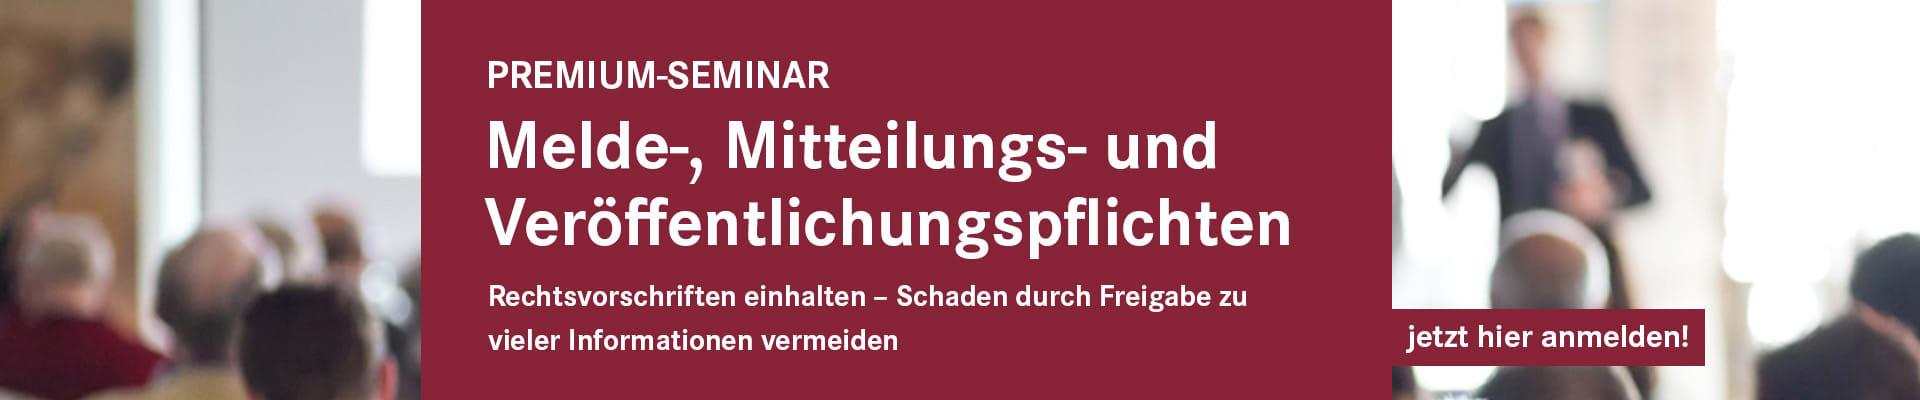 Mittelungspflichten 20.08.2019 in Frankfurt a.M